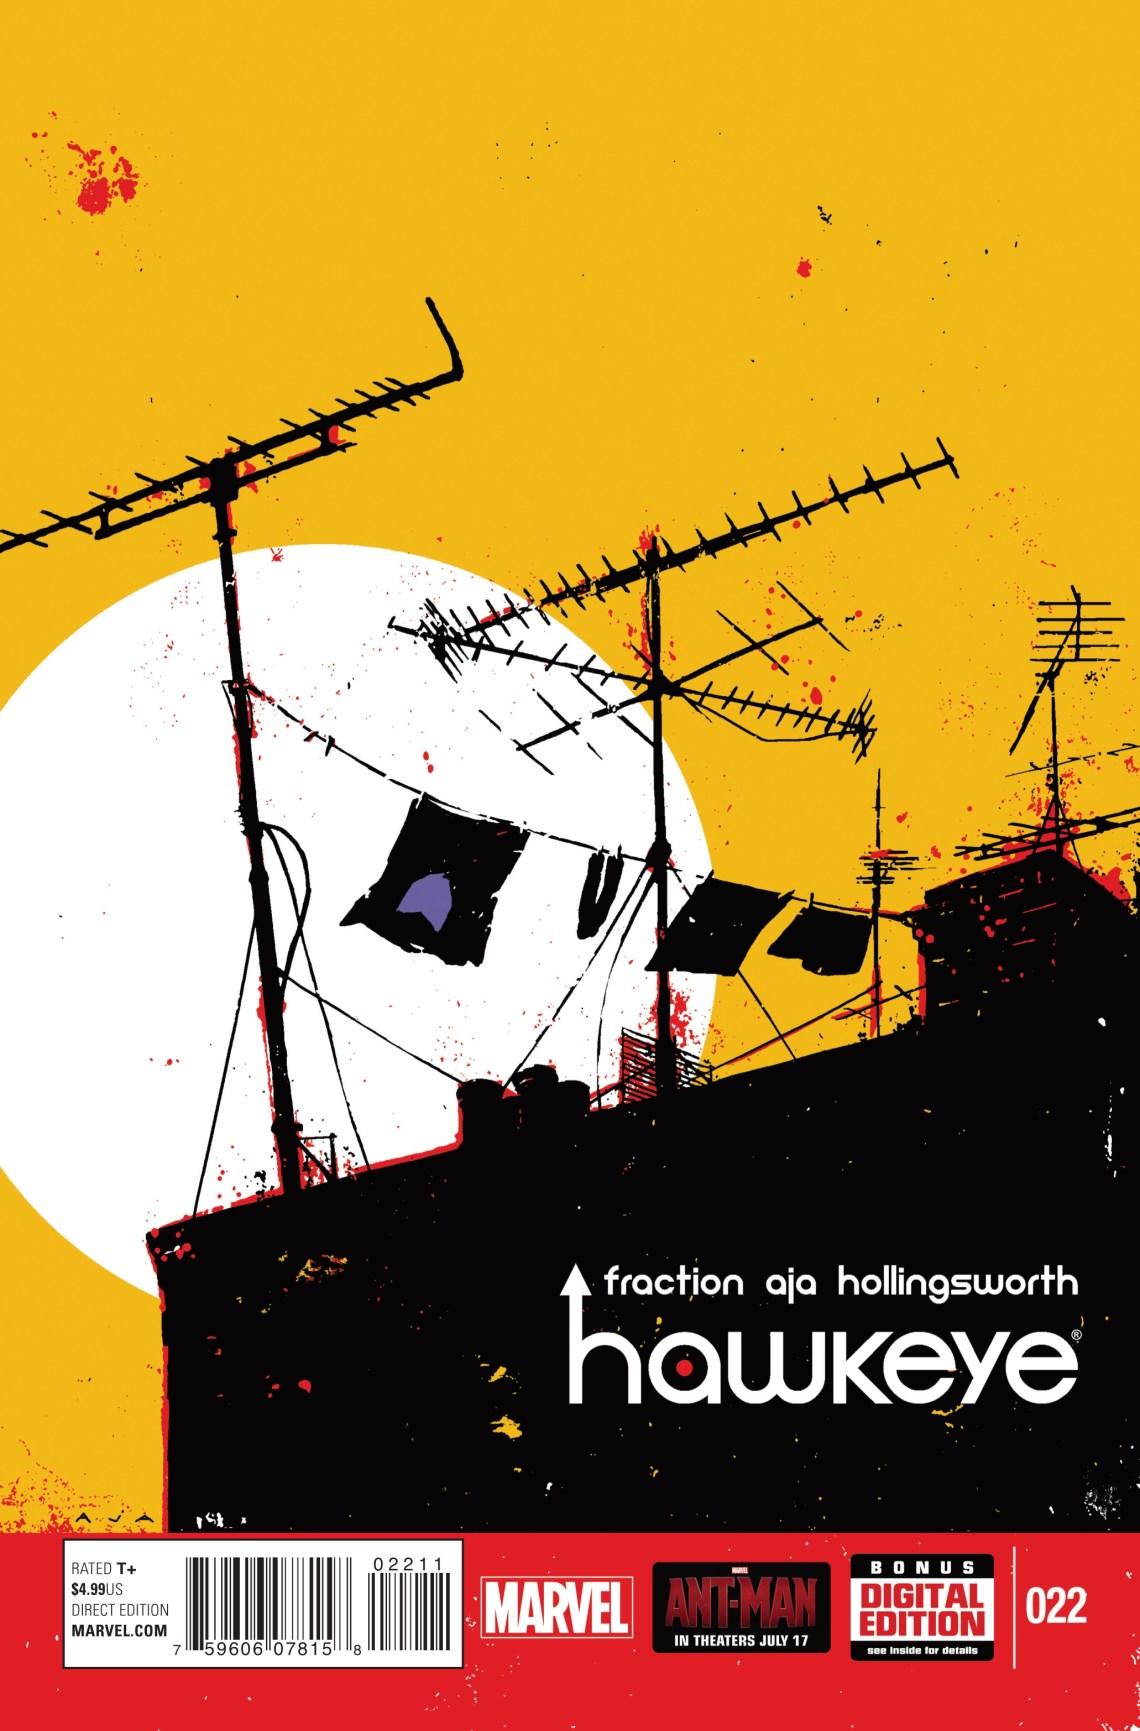 Hawkeye022cvr